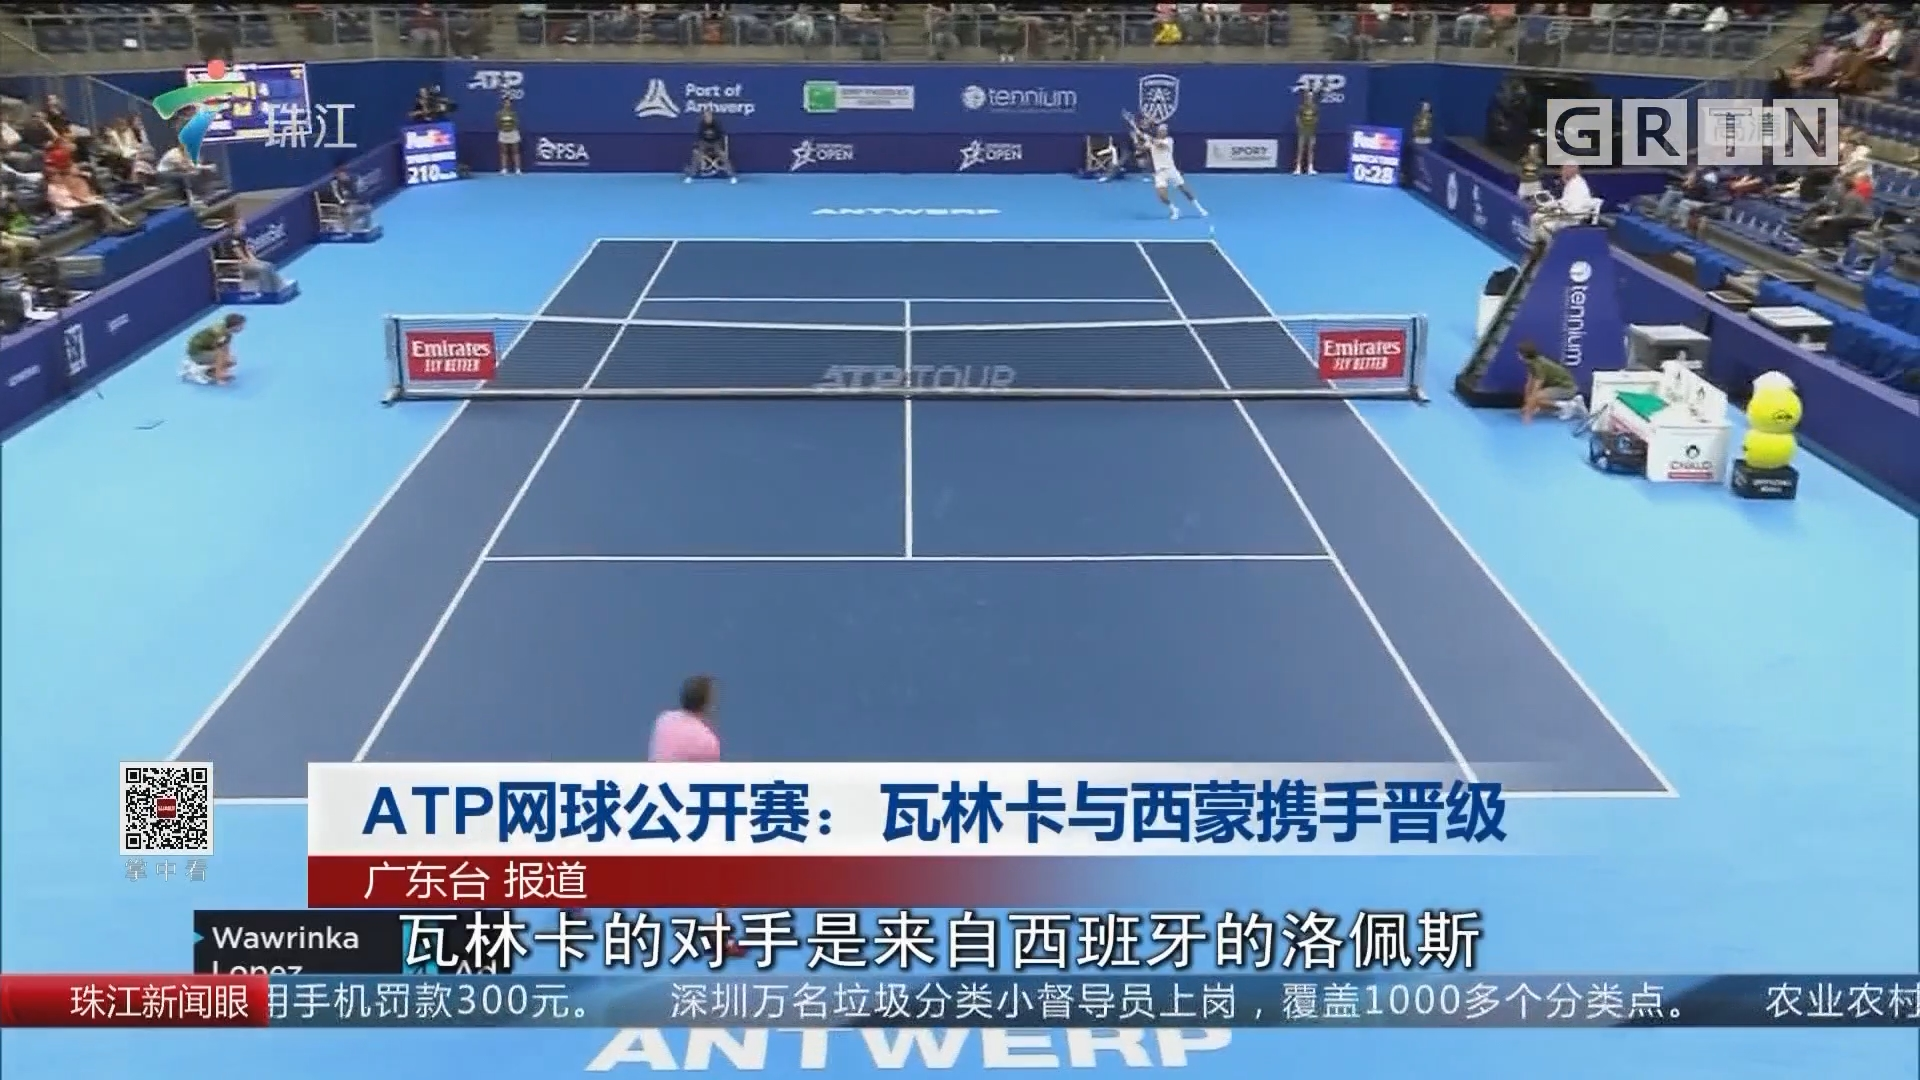 ATP网球公开赛:瓦林卡与西蒙携手晋级